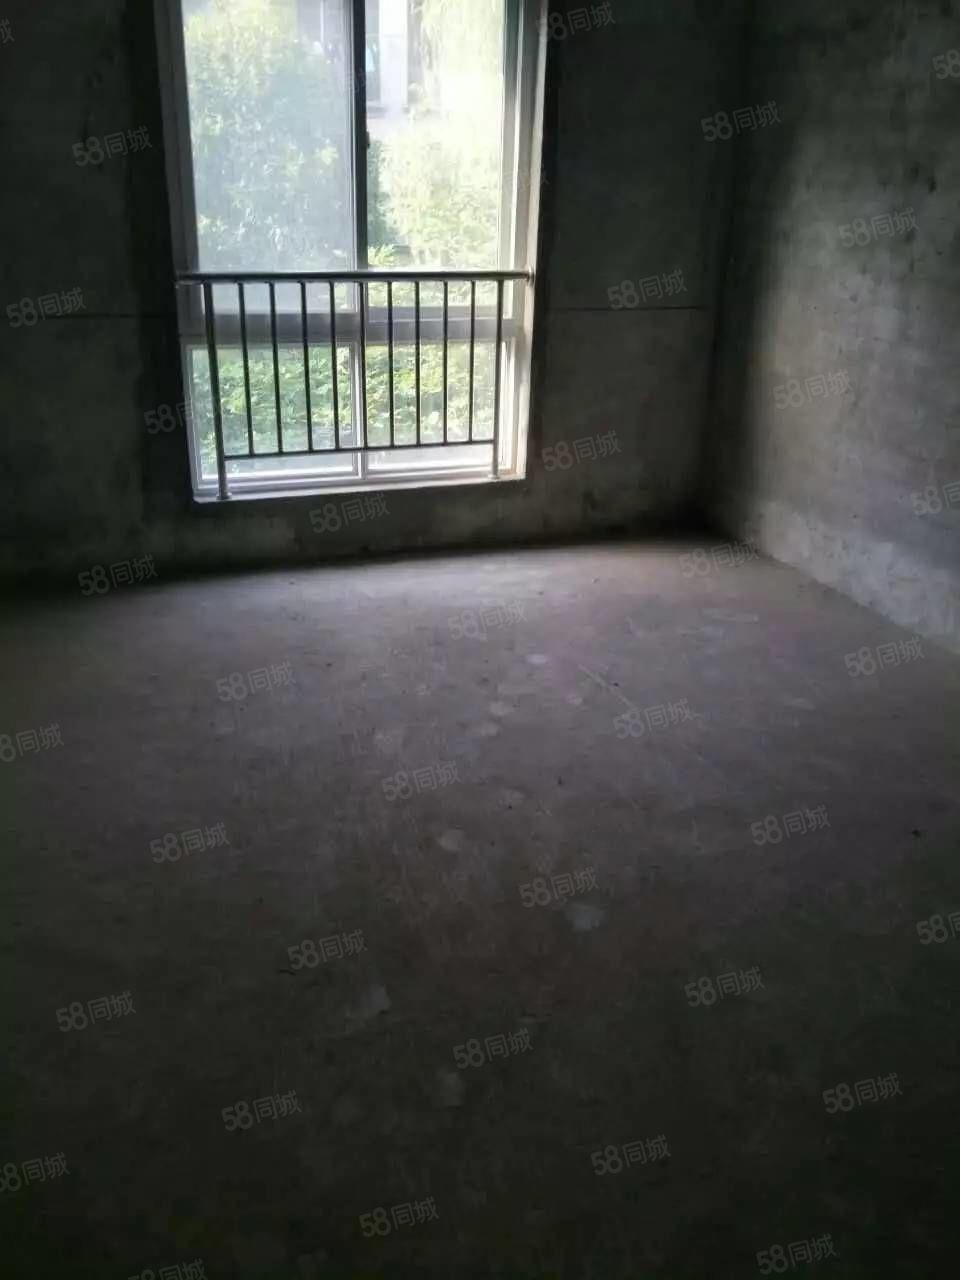 景秀北城,标准三房,房东急用钱赔钱出售,随时看房,急卖